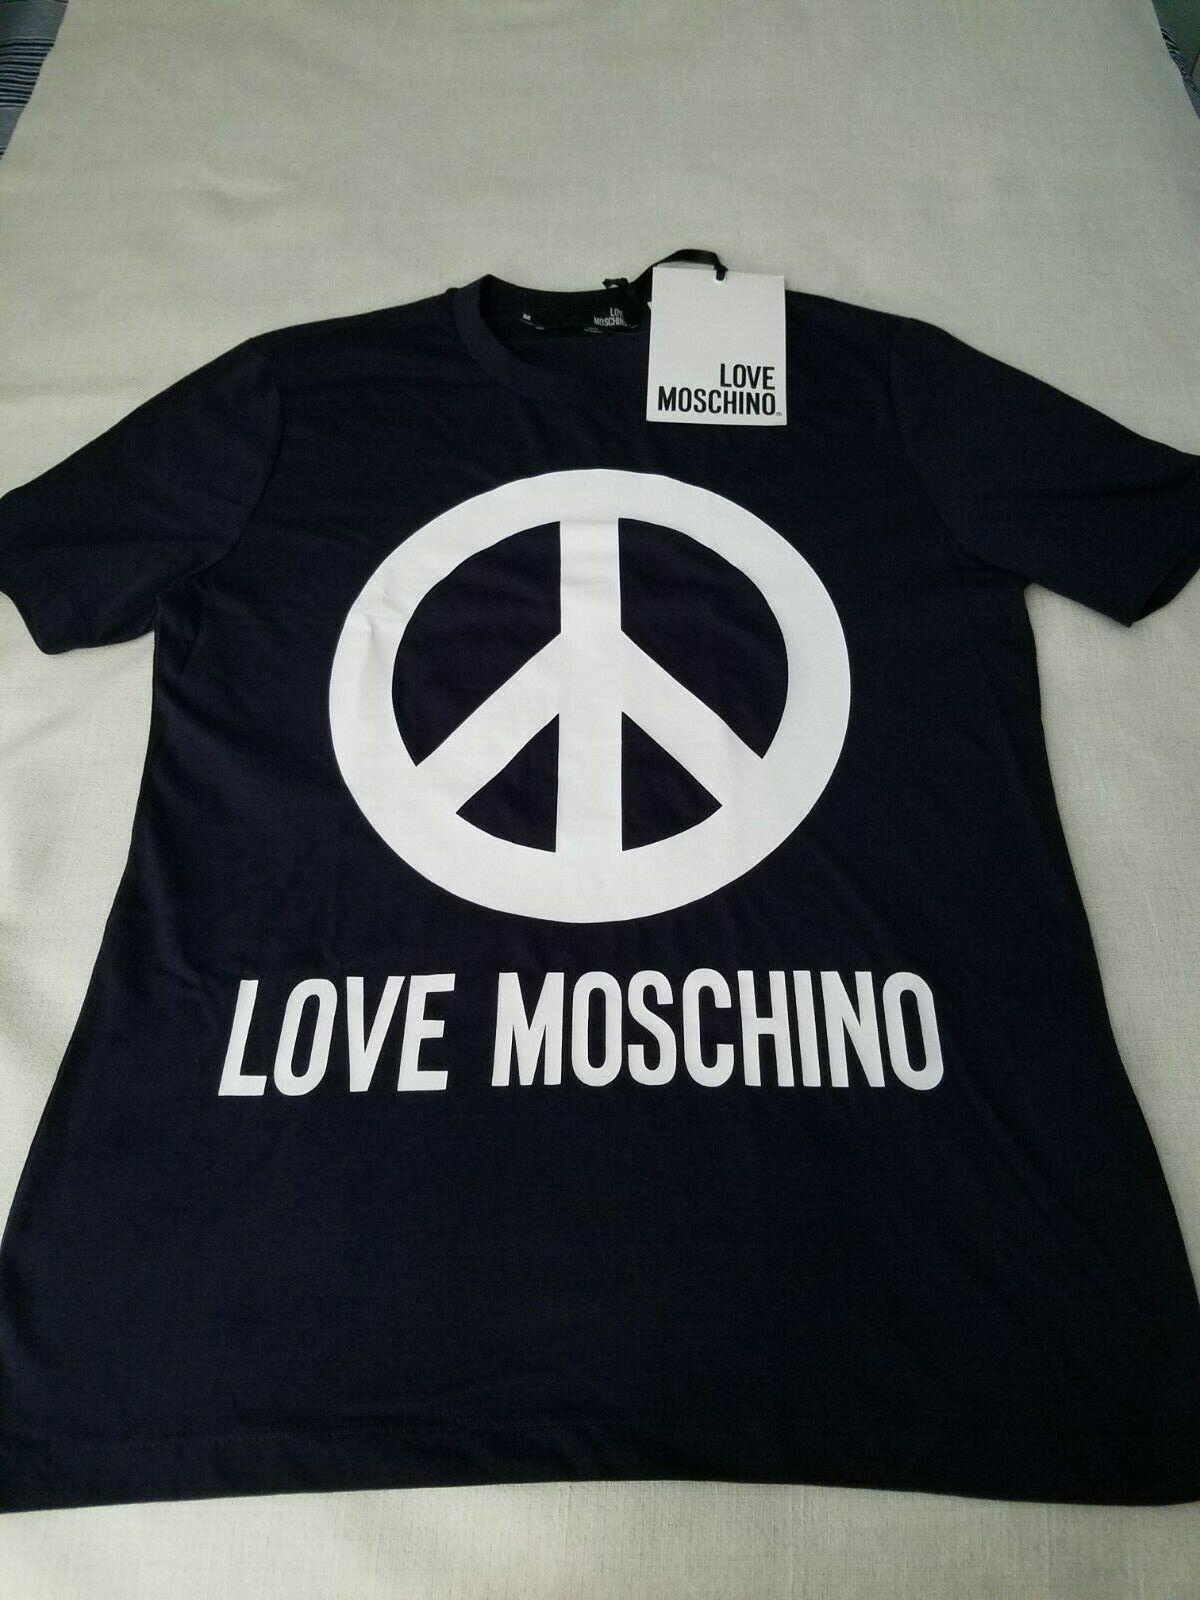 Mens Moschino Tee Shirt Moschino Moschino Mens Moschino Tee Shirt Price 150 00 Moschino Tee Shirts Shirt Price